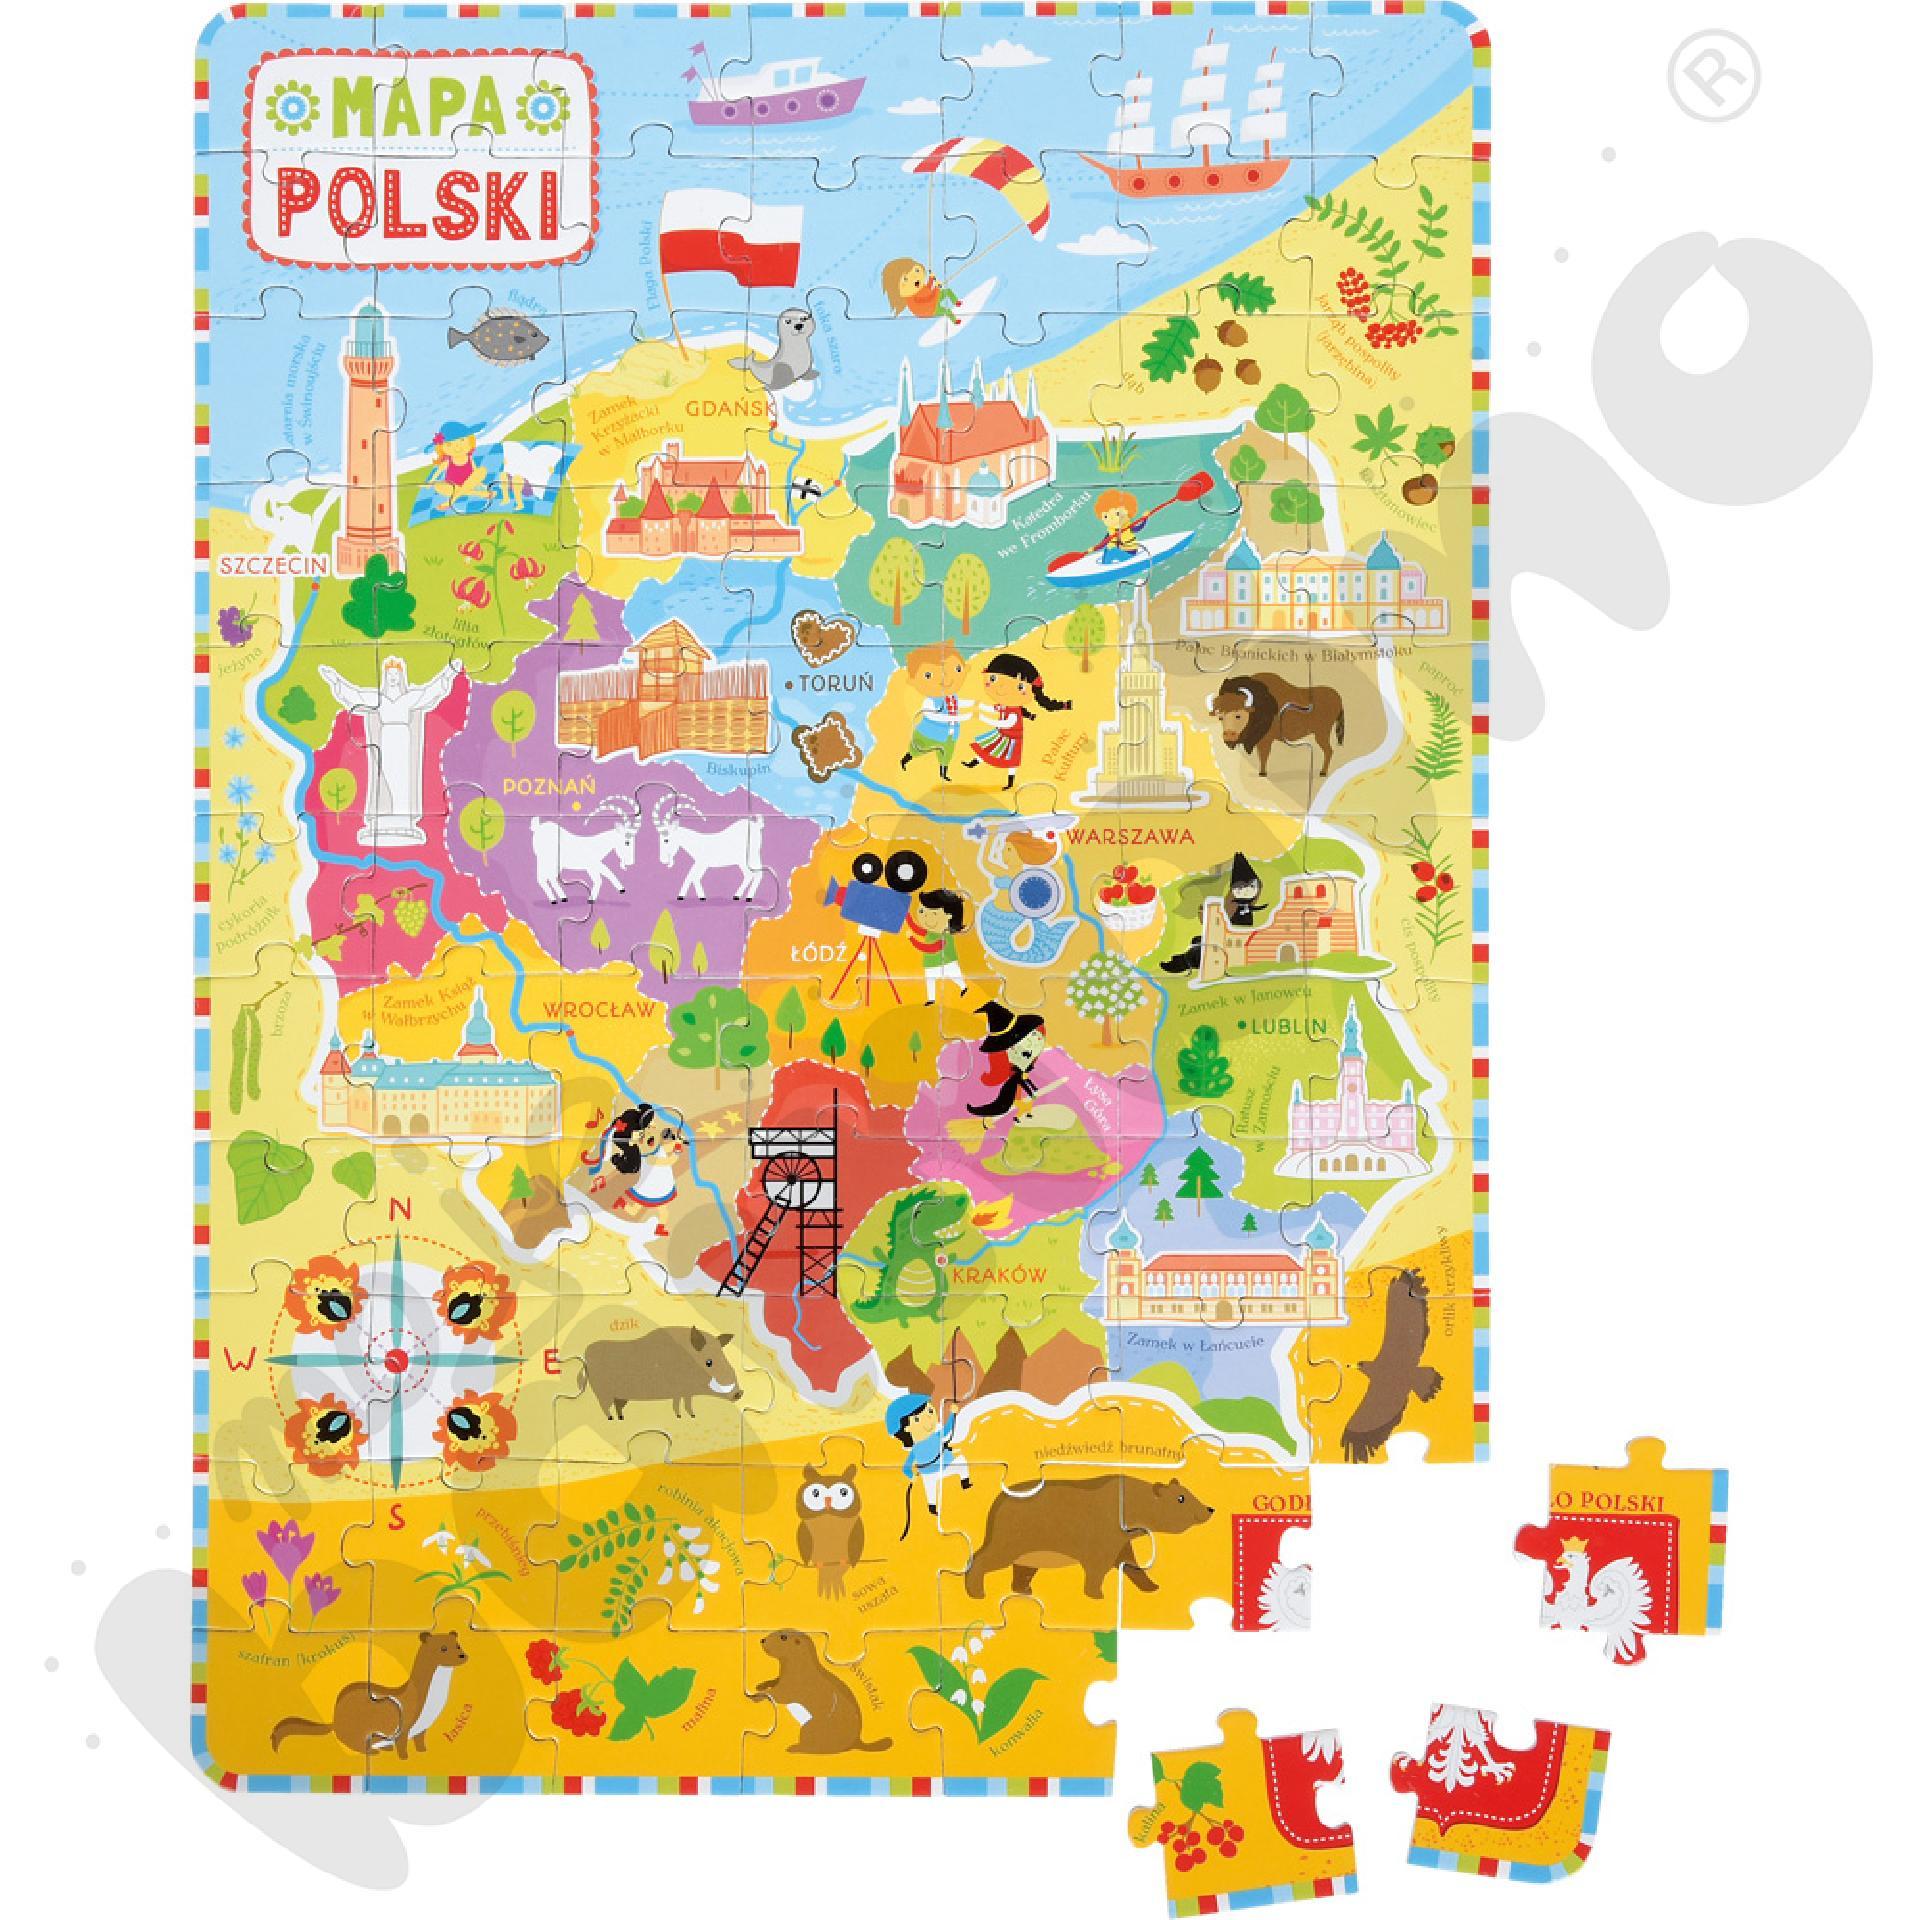 Kieszonkowe puzzle - Mapa Polski